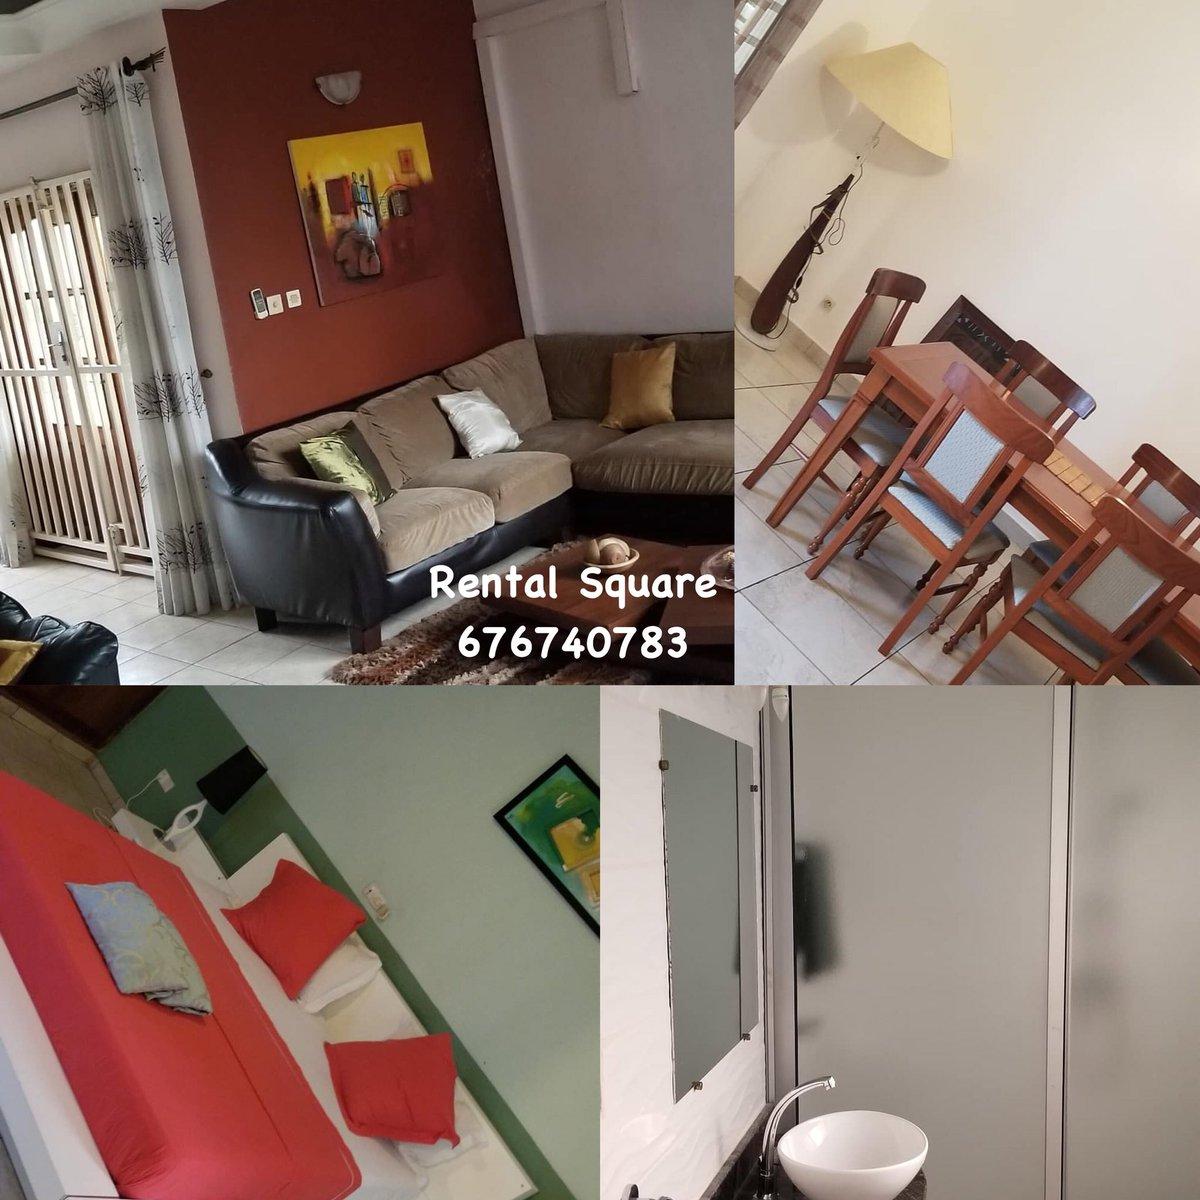 A louer ❗ 👉🏾 appartement meublé 3 chambres bonapriso 💰 80 000